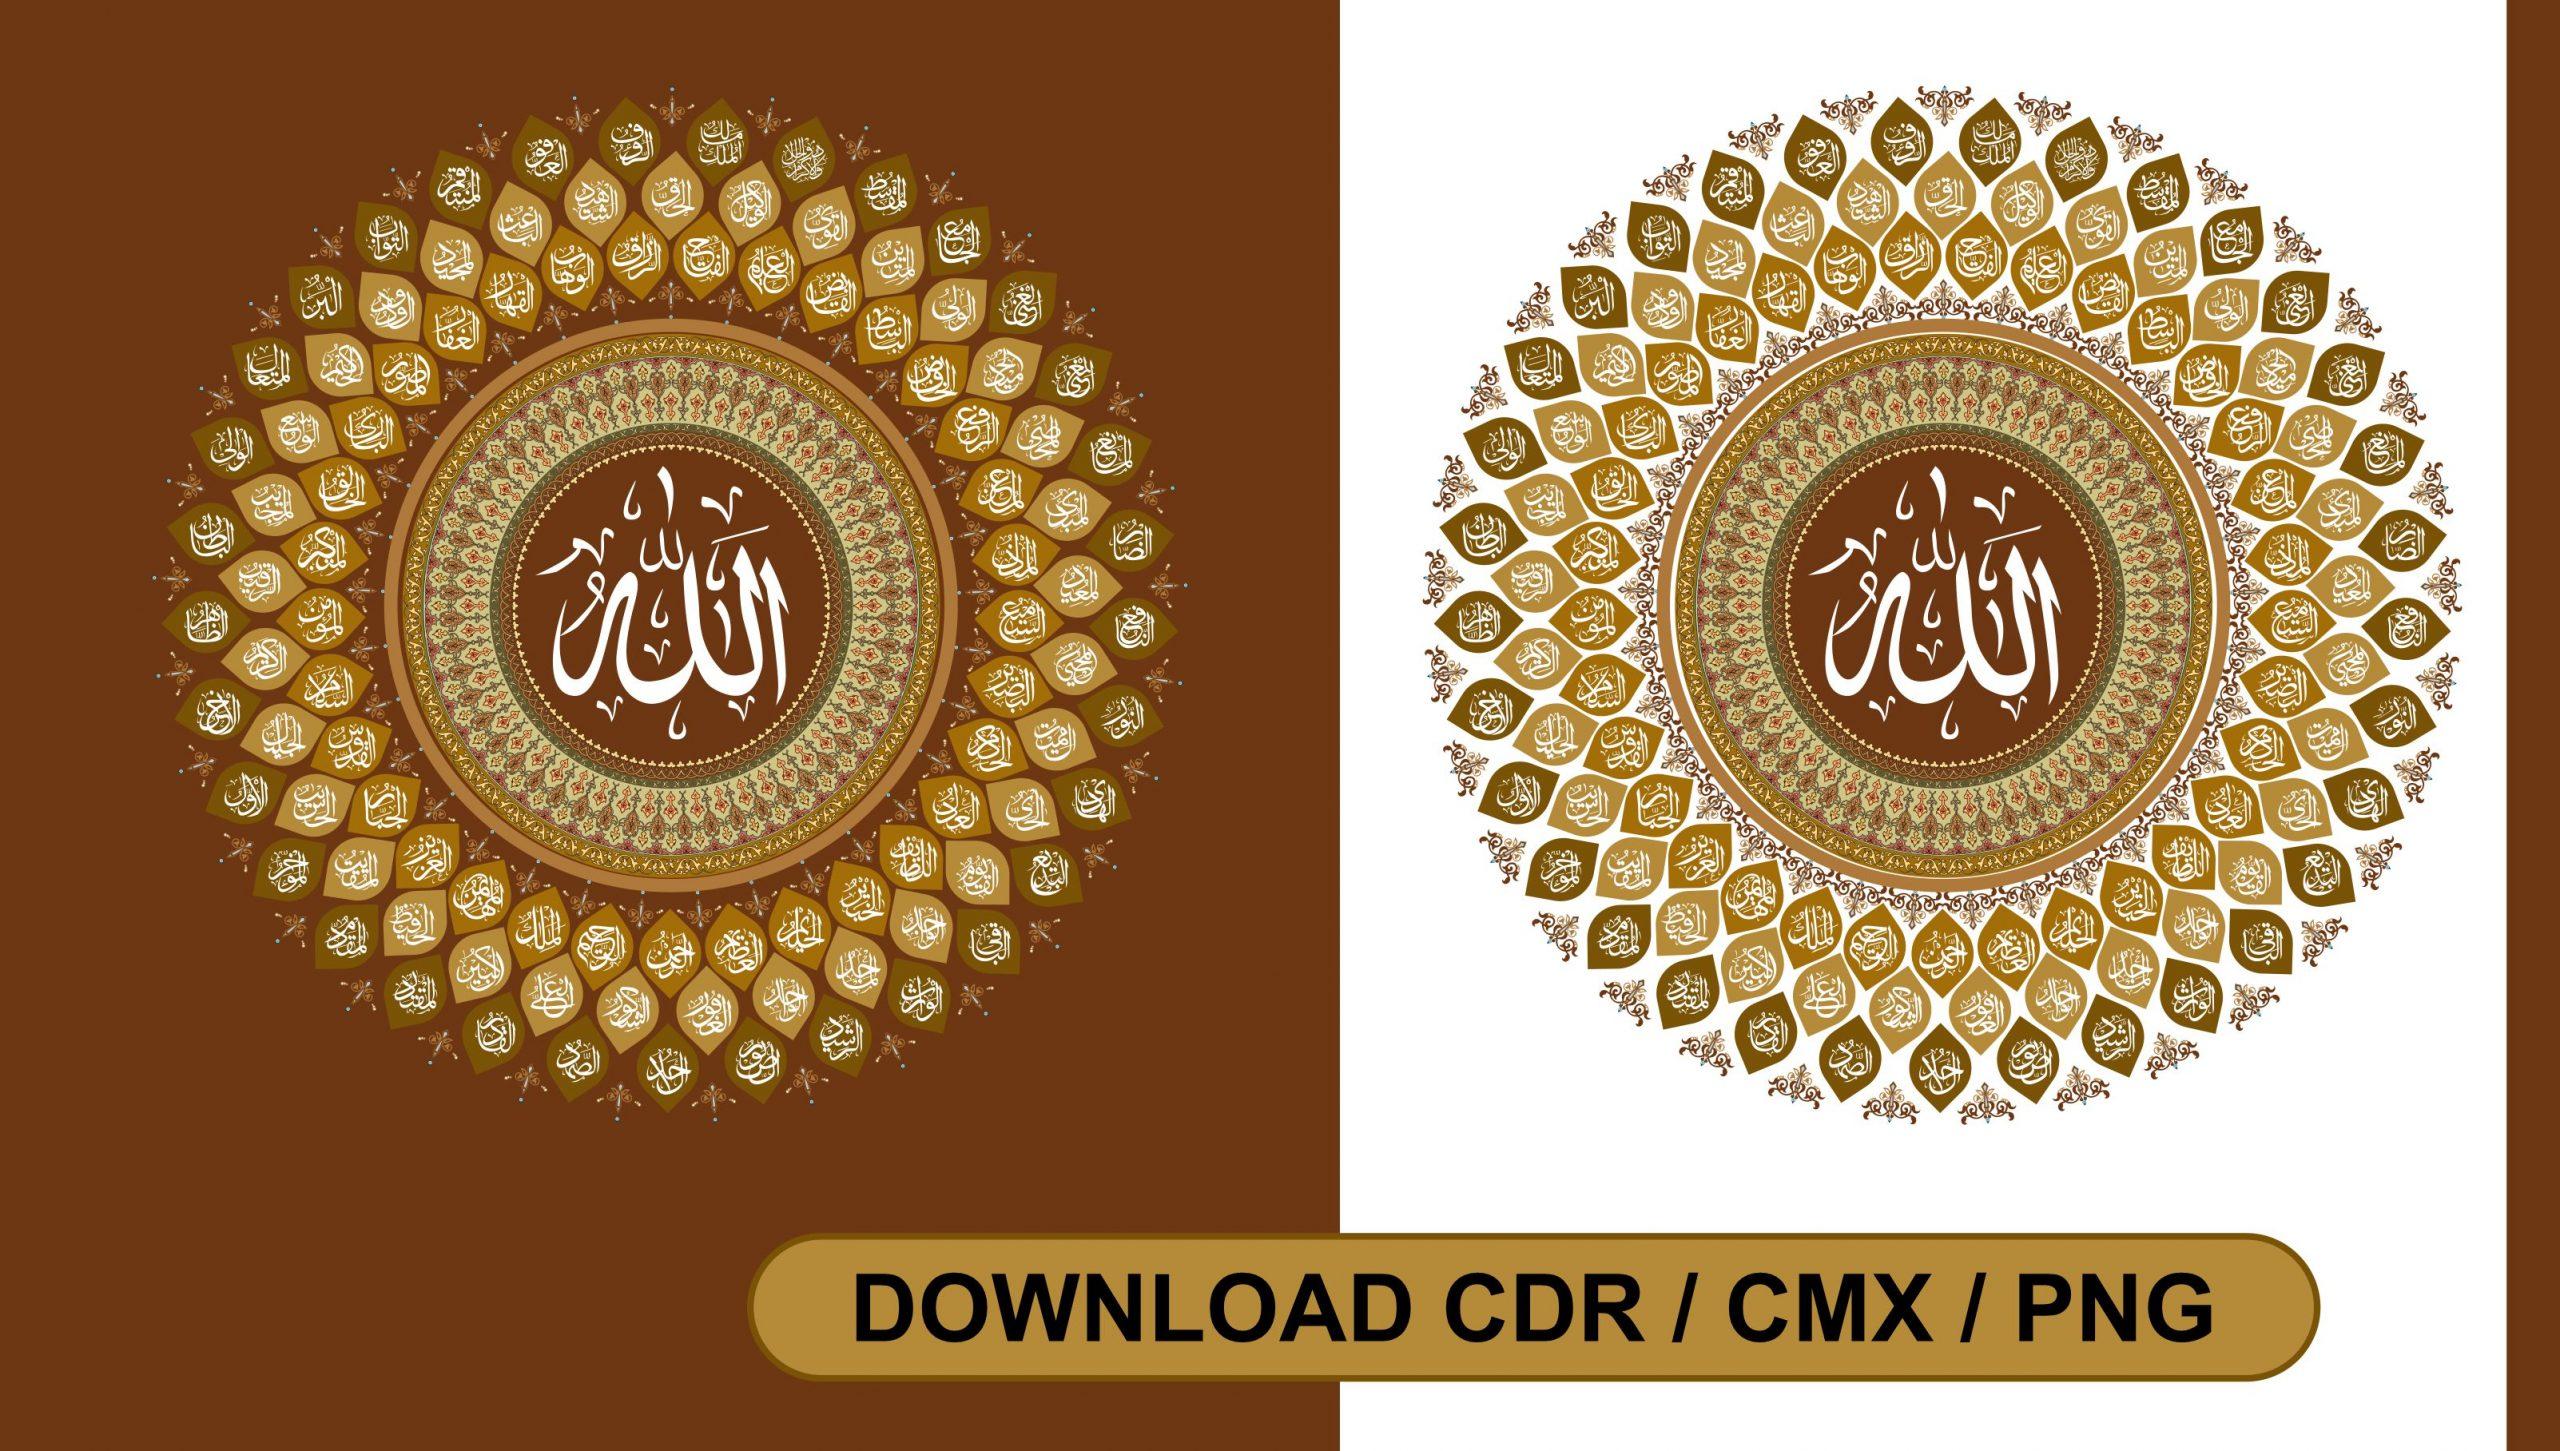 99 Names Of ALLAH In Circle Brown Shades